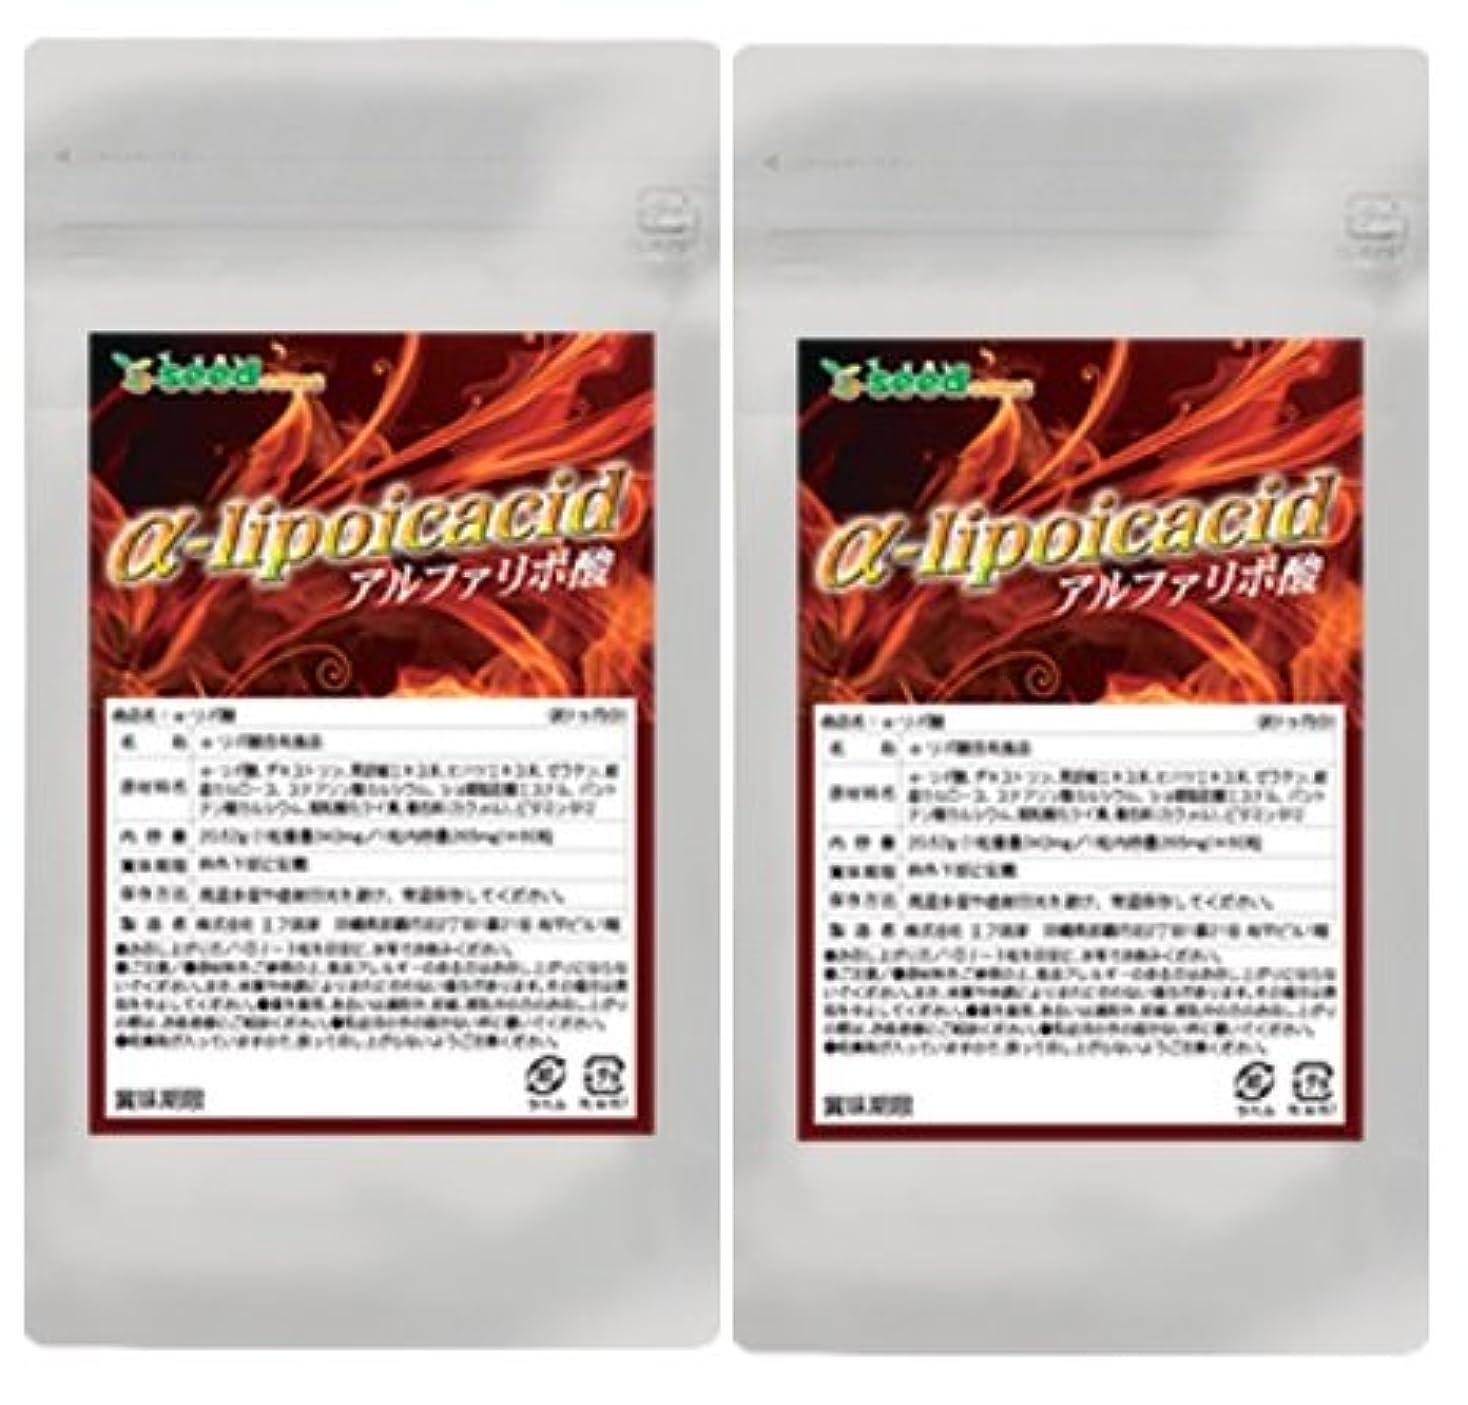 バックグラウンド名誉億α-リポ酸 (燃焼系ダイエットのサポート) (約6ケ月分)